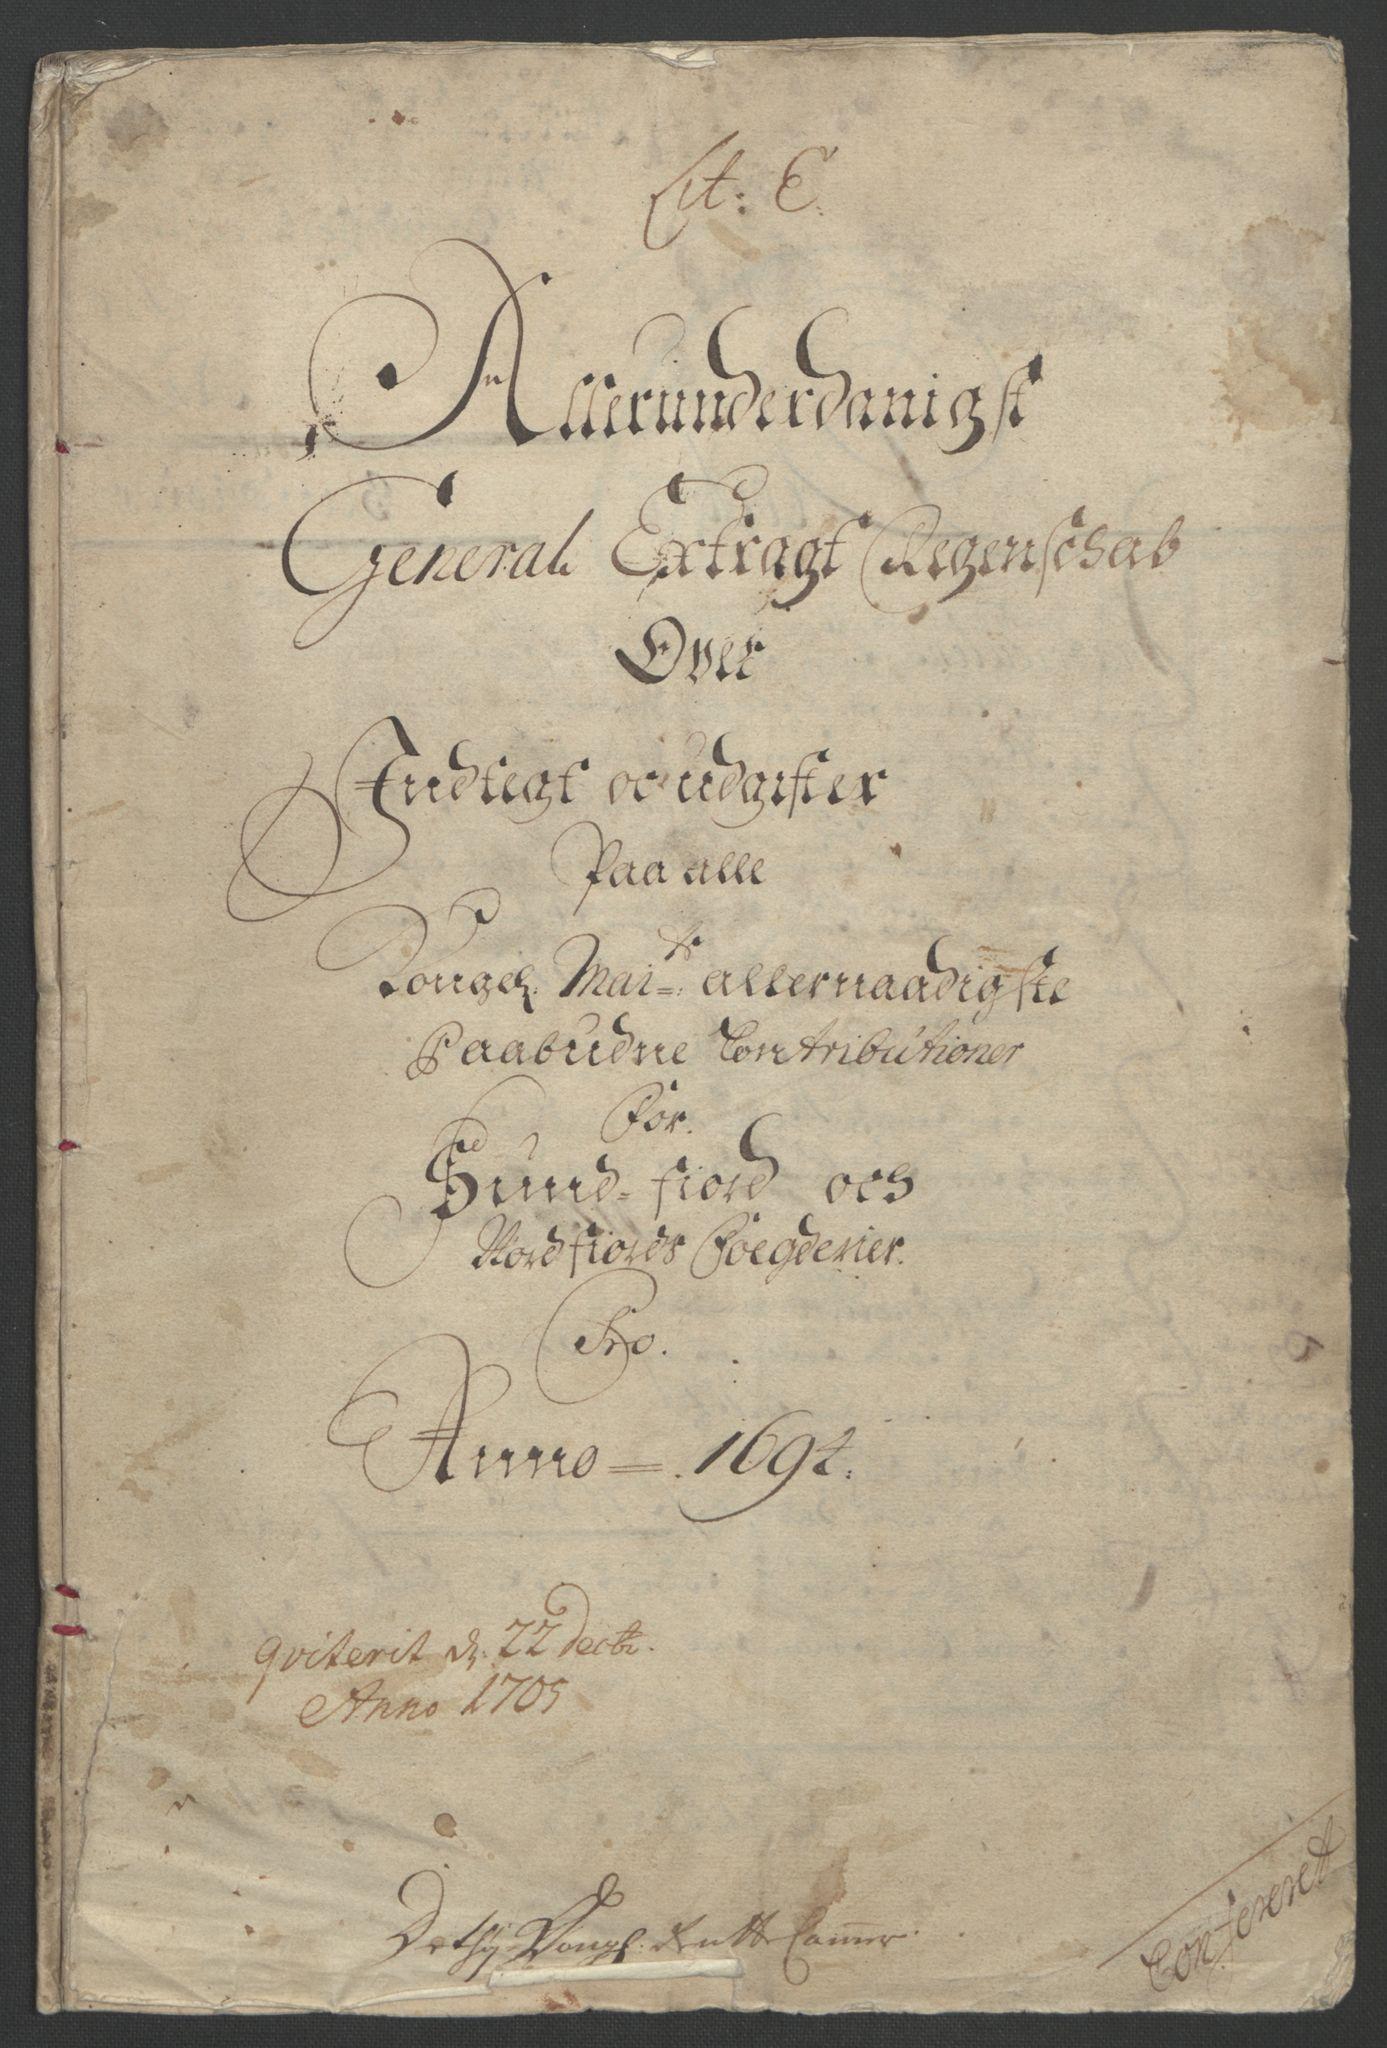 RA, Rentekammeret inntil 1814, Reviderte regnskaper, Fogderegnskap, R53/L3421: Fogderegnskap Sunn- og Nordfjord, 1693-1694, s. 249